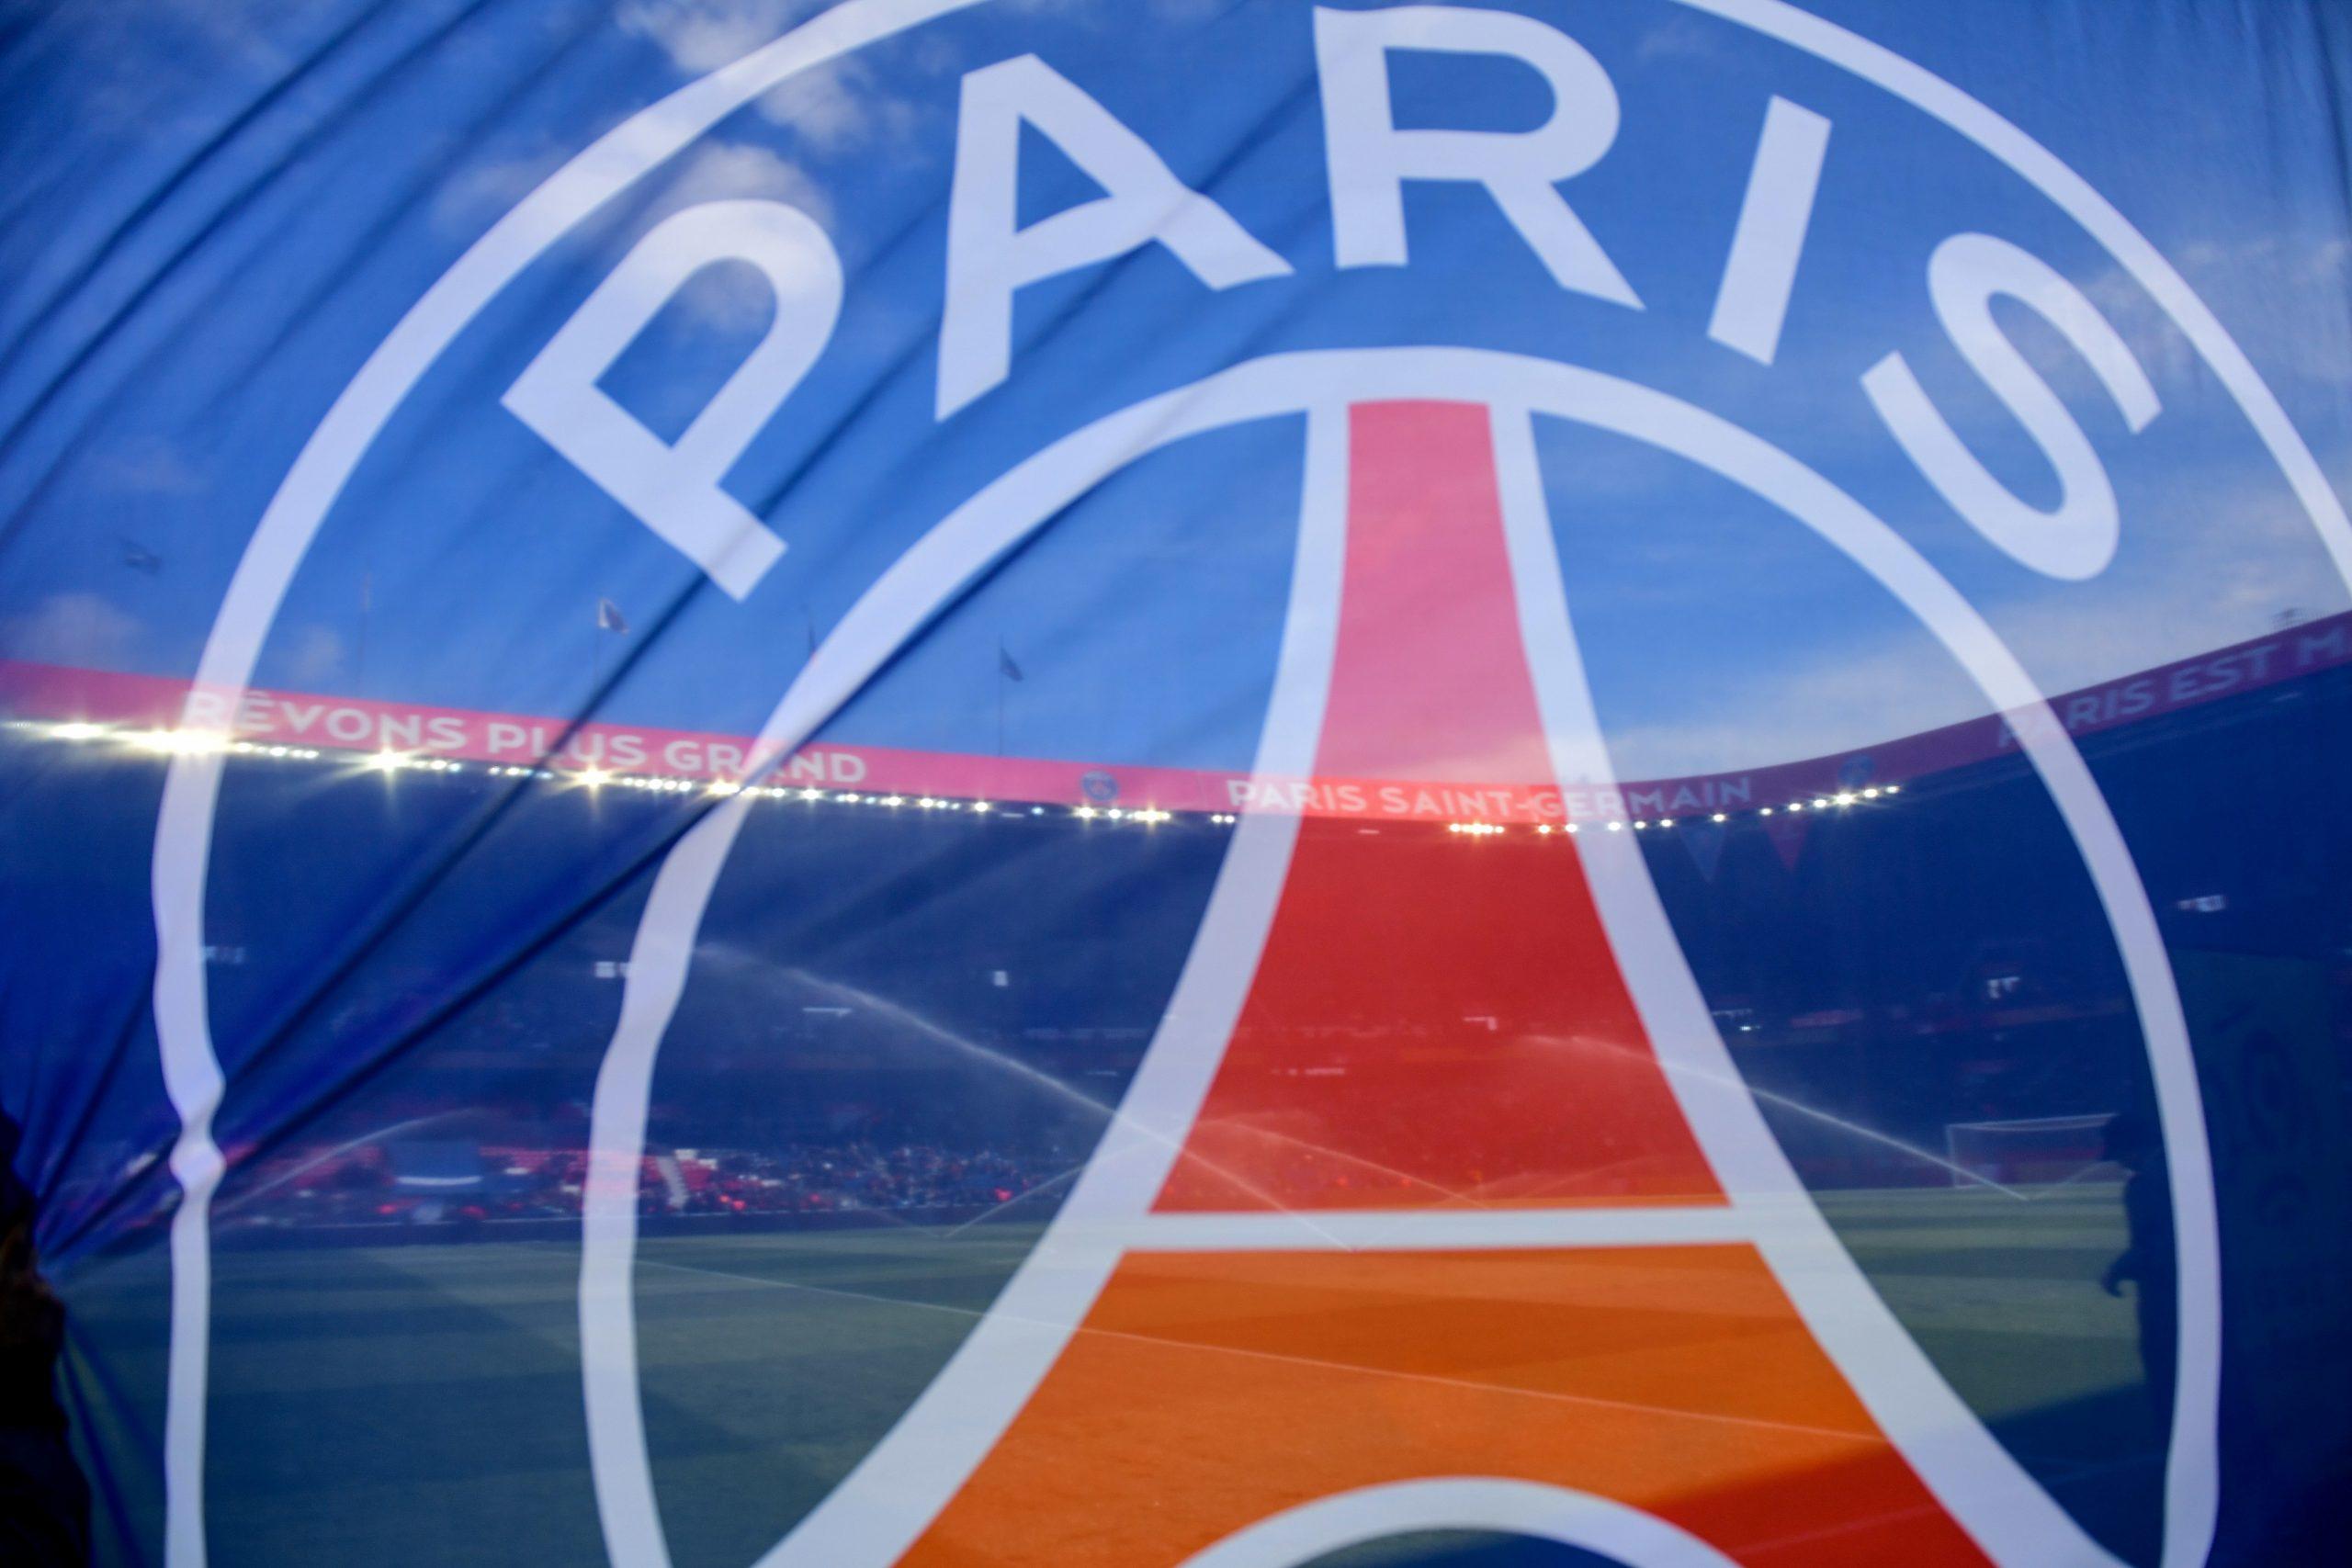 Le programme des rediffusions sur PSG TV cette semaine : Ligue des Champions et Coupe de France